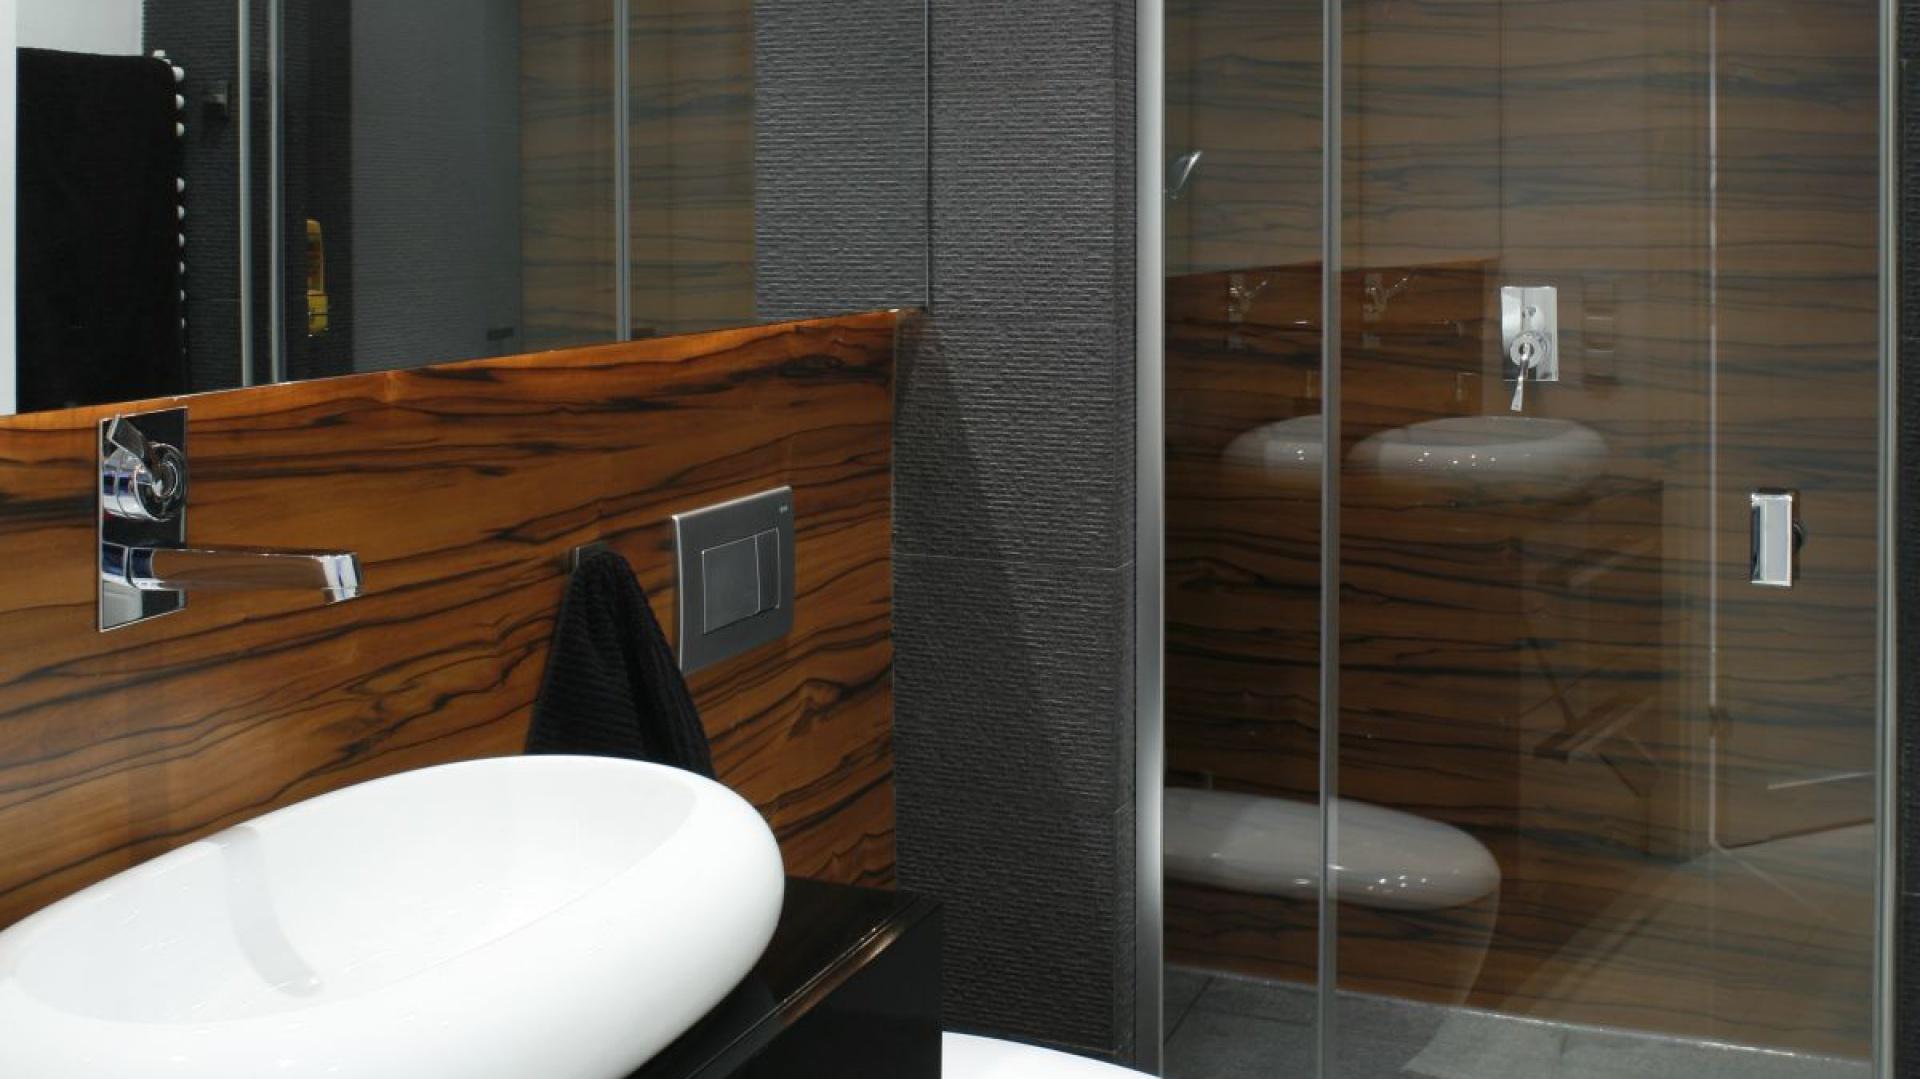 Ciemne, grafitowe płytki zestawiono z ciemnym drewnem o wyraźnym rysunku, dzięki czemu łazienka jest bardzo elegancka i stylowa. Projekt: Monika i Adam Bronikowscy. Fot. Bartosz Jarosz.